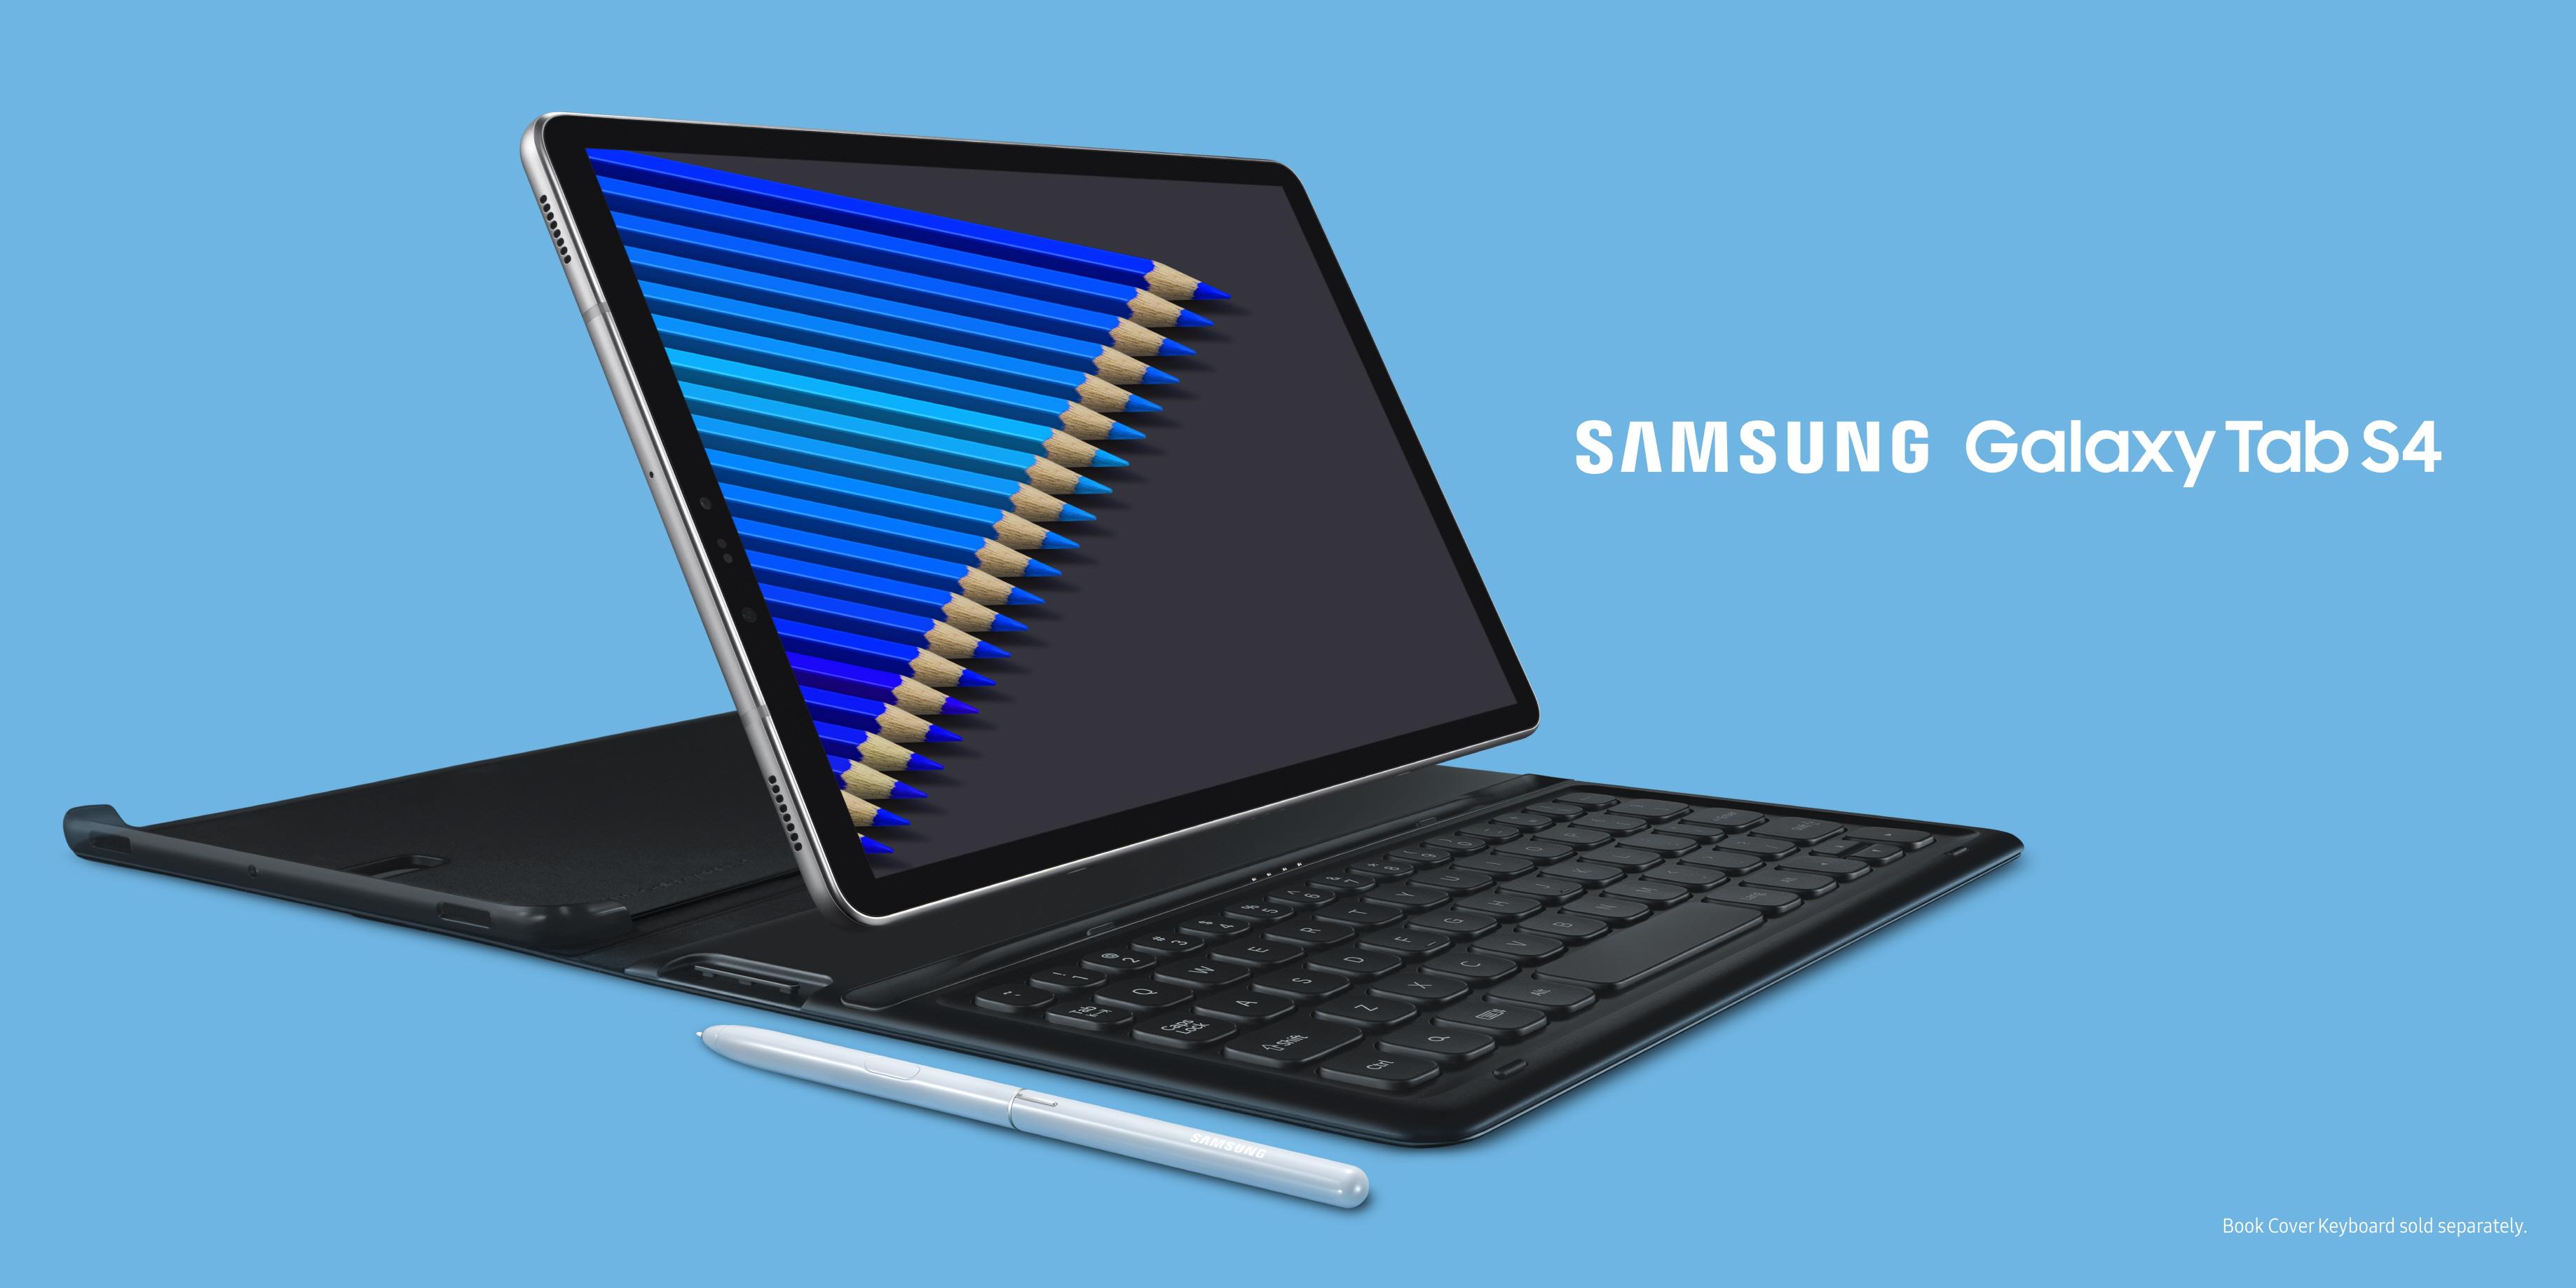 """Naujoji """"Samsung Galaxy Tab S4"""" planšetė sukurta nuveikti daugiau, kad ir kur bebūtumėte"""